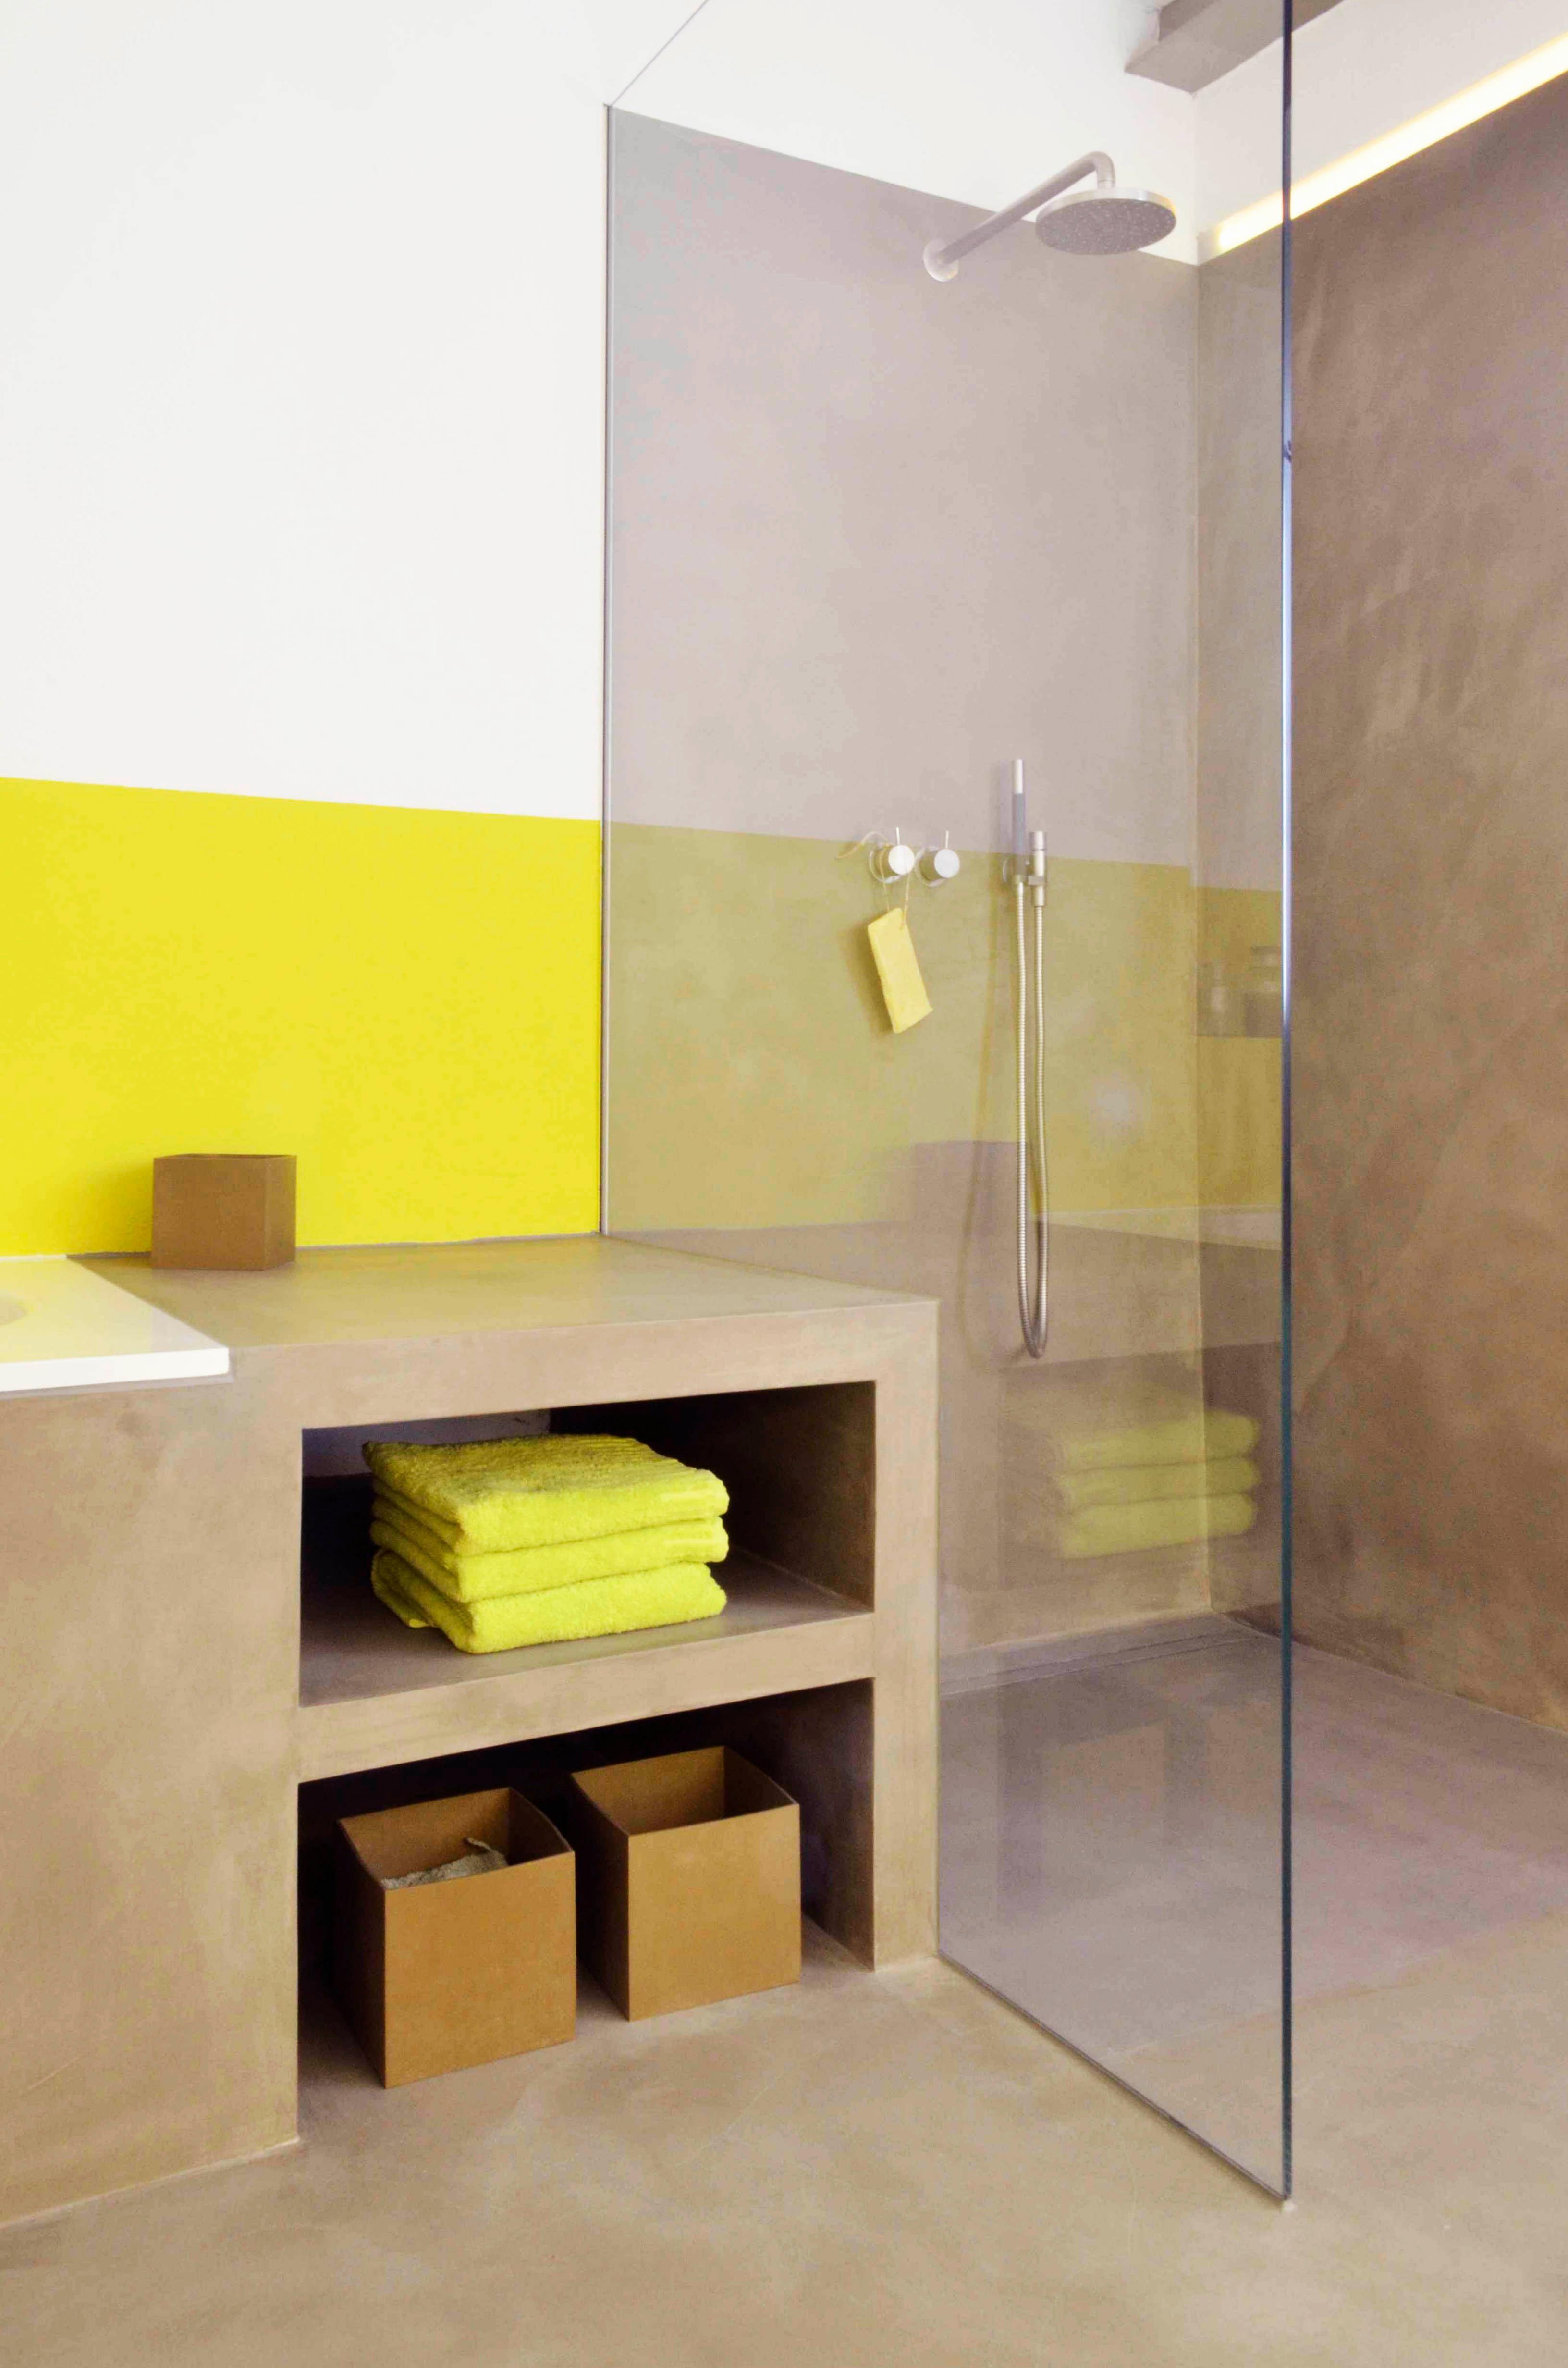 Wanne Und Dusche #badezimmerablage ©honey And Spice